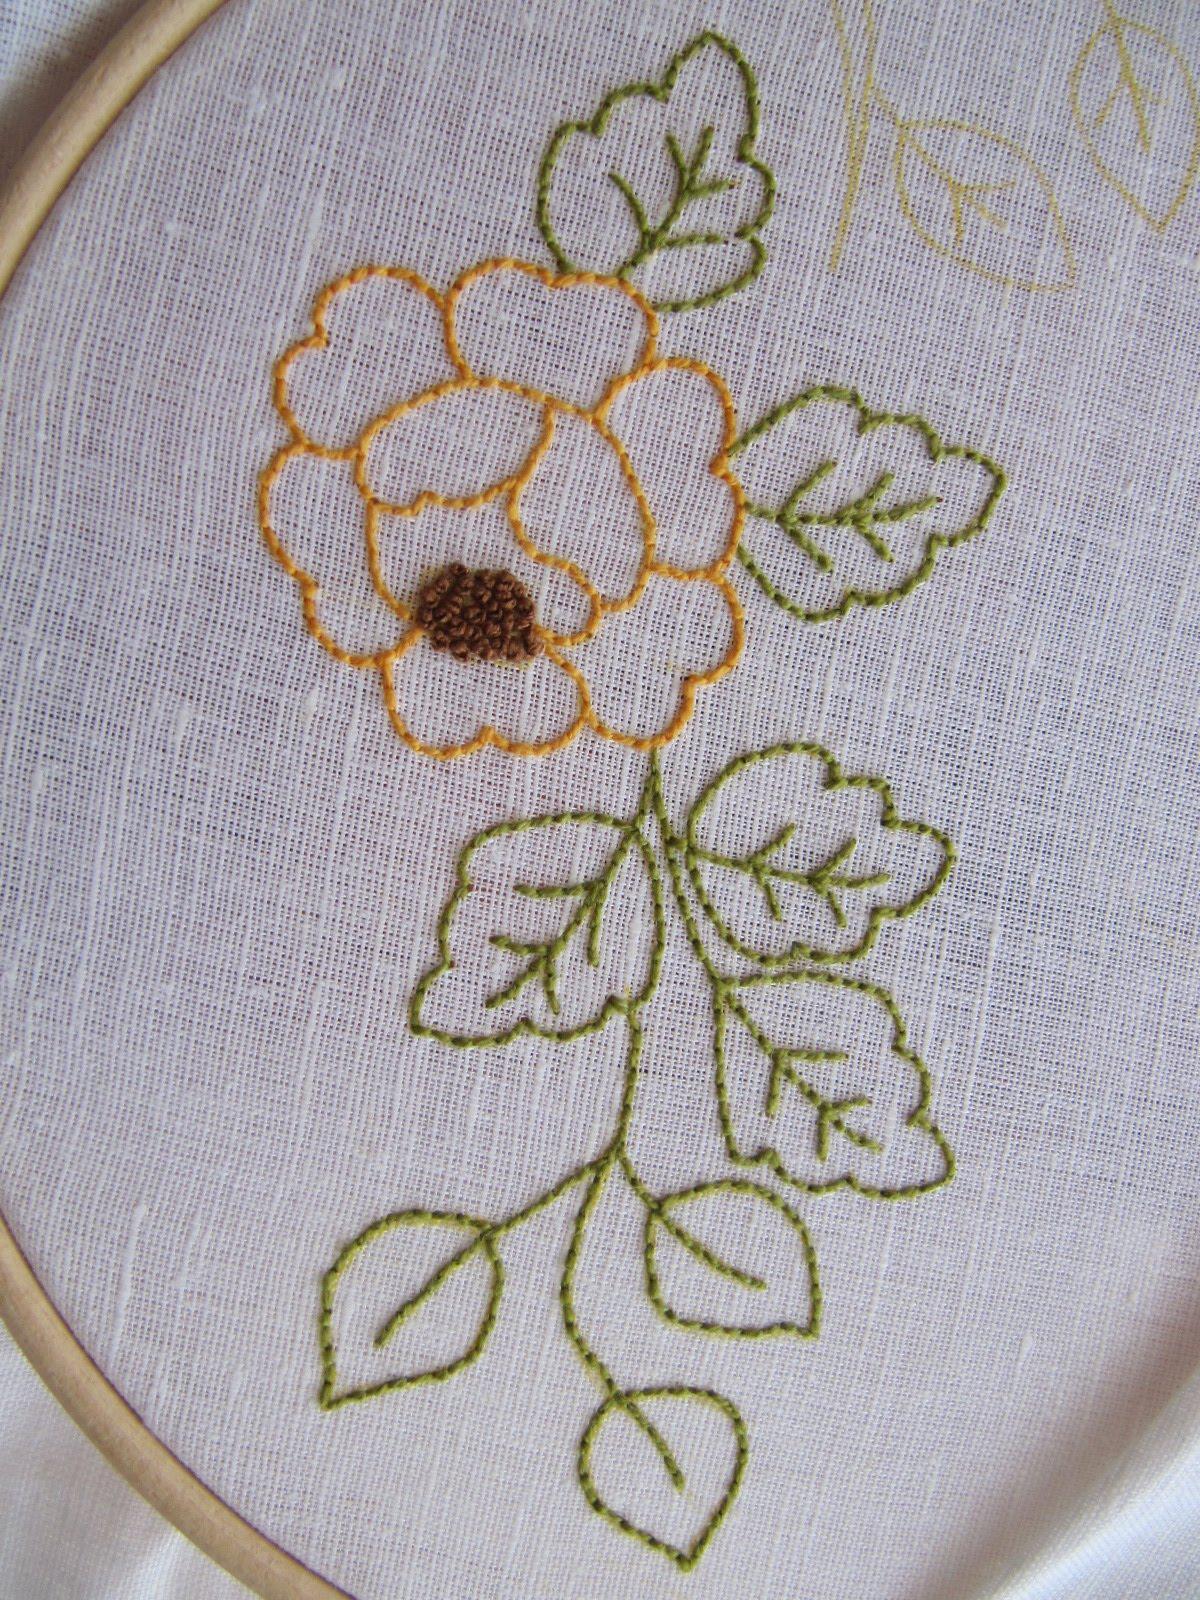 Las Labores de Mari Angeles: Haciendo Bordados de Flores a Pespunte